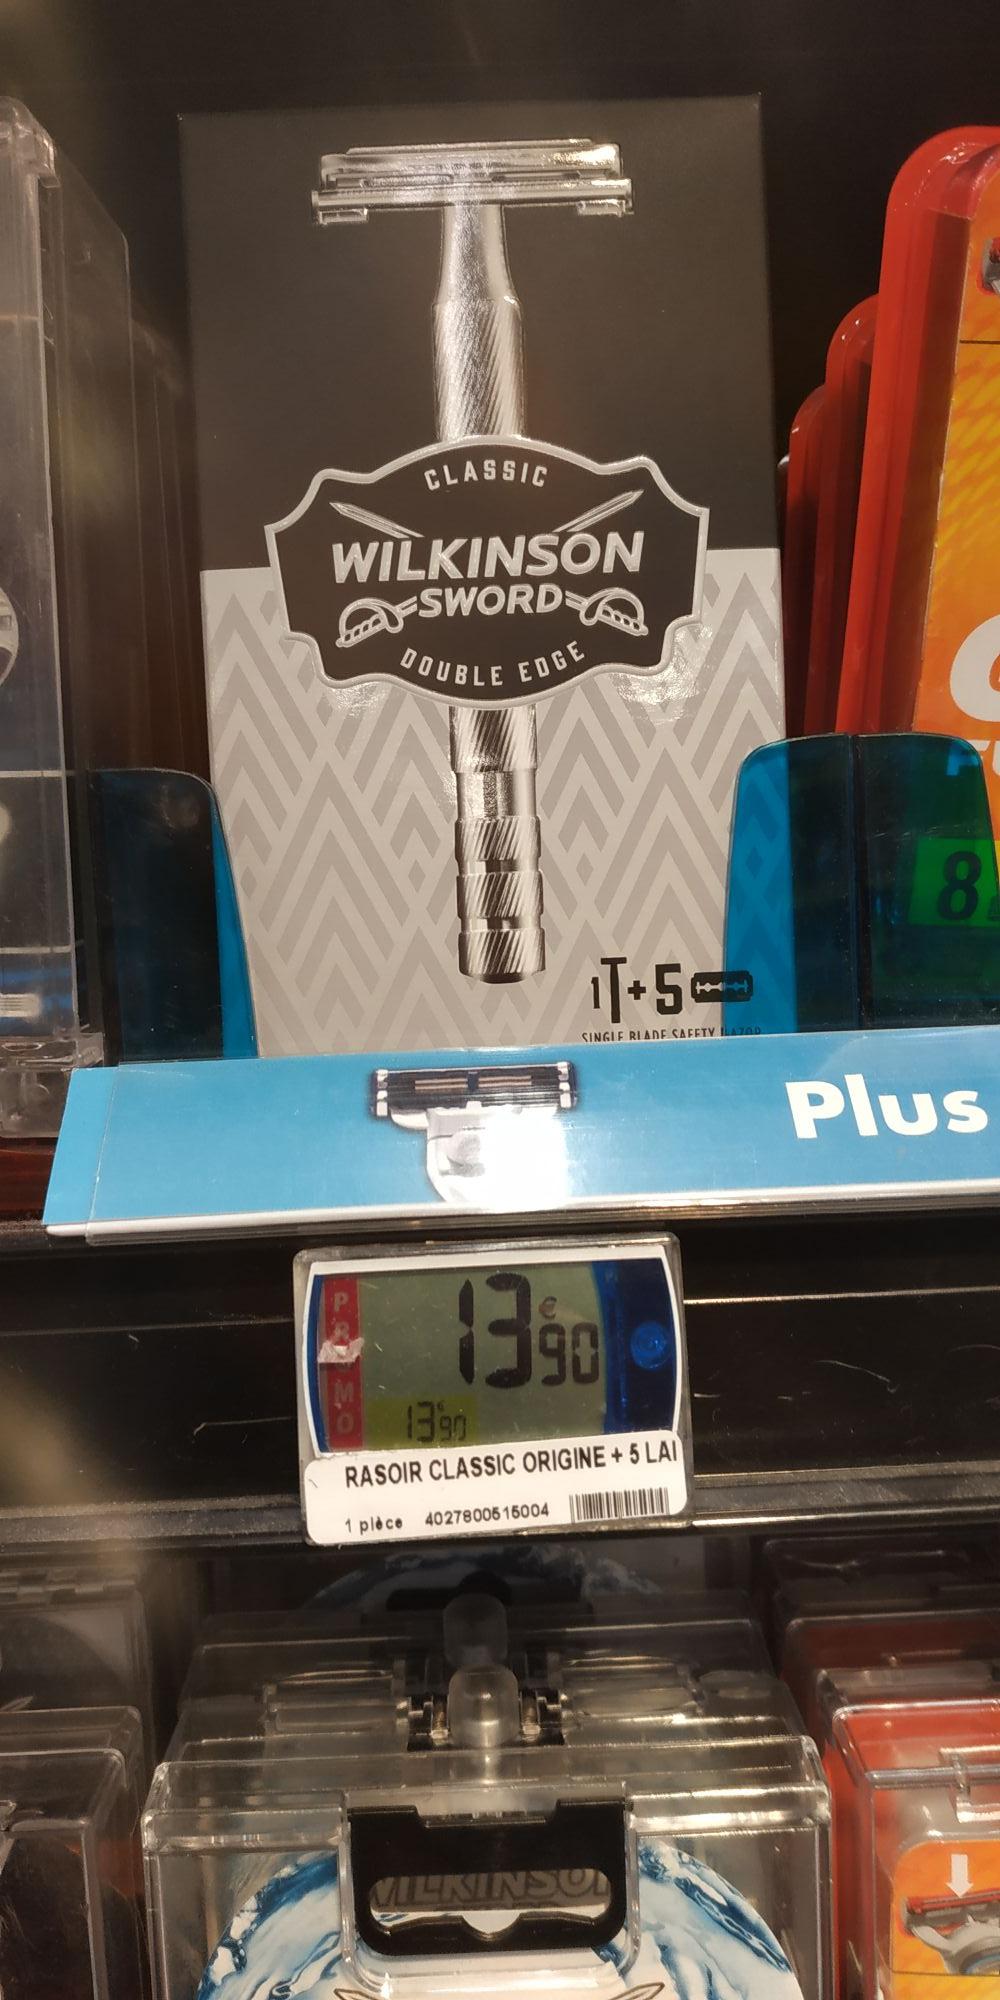 Rasoir de sûreté Wilkinson Classic double egde + 5 lames - Ollioules (83)